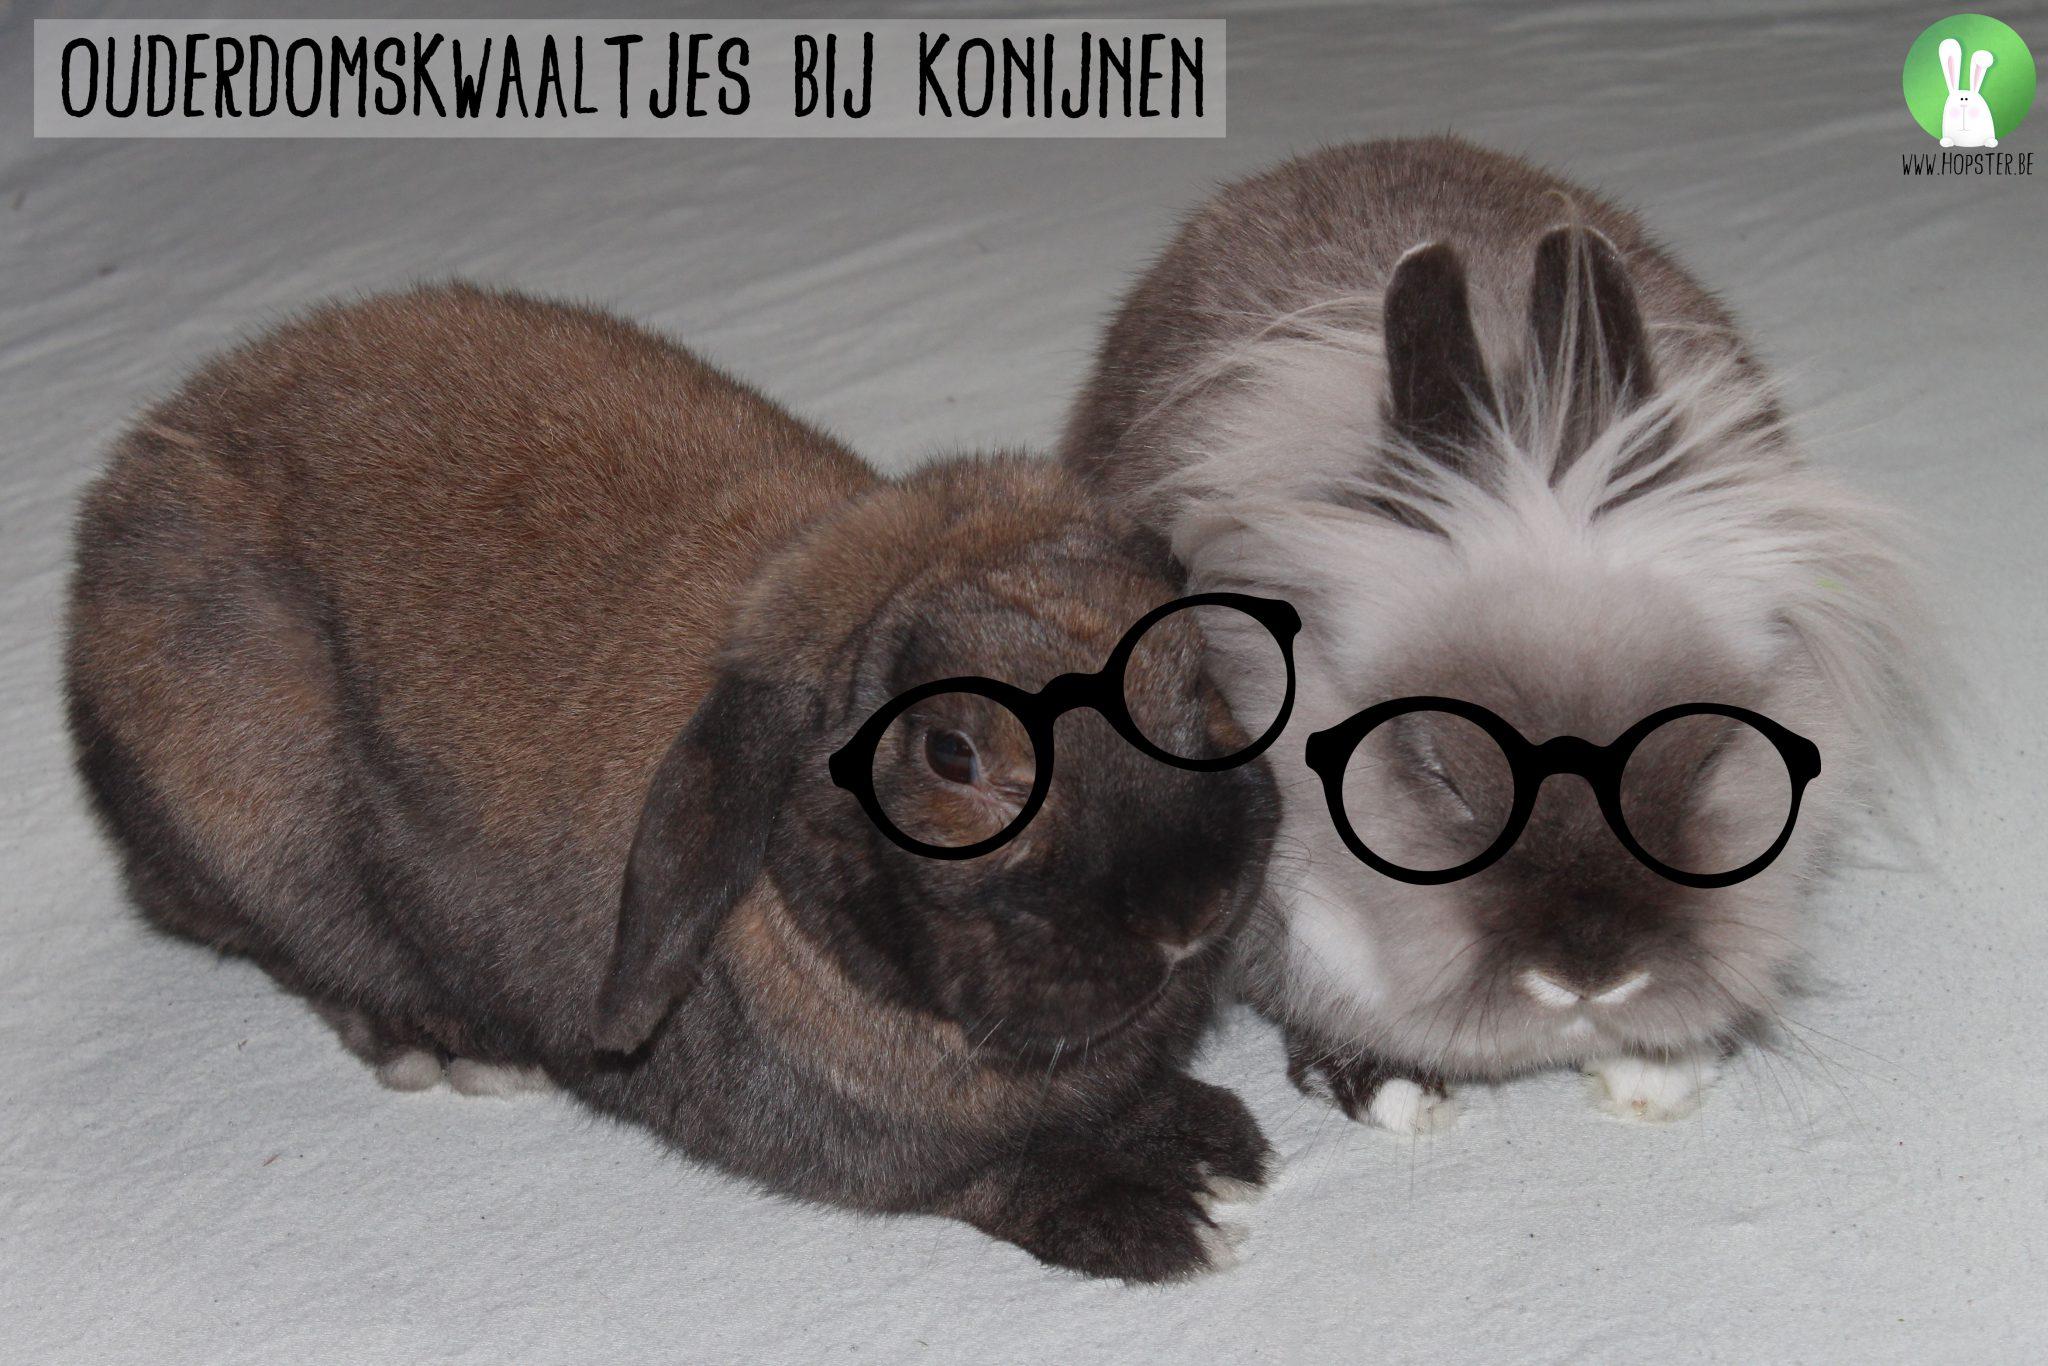 Ouderdomskwaaltjes bij konijnen | Konijnenadviesbureau Hopster